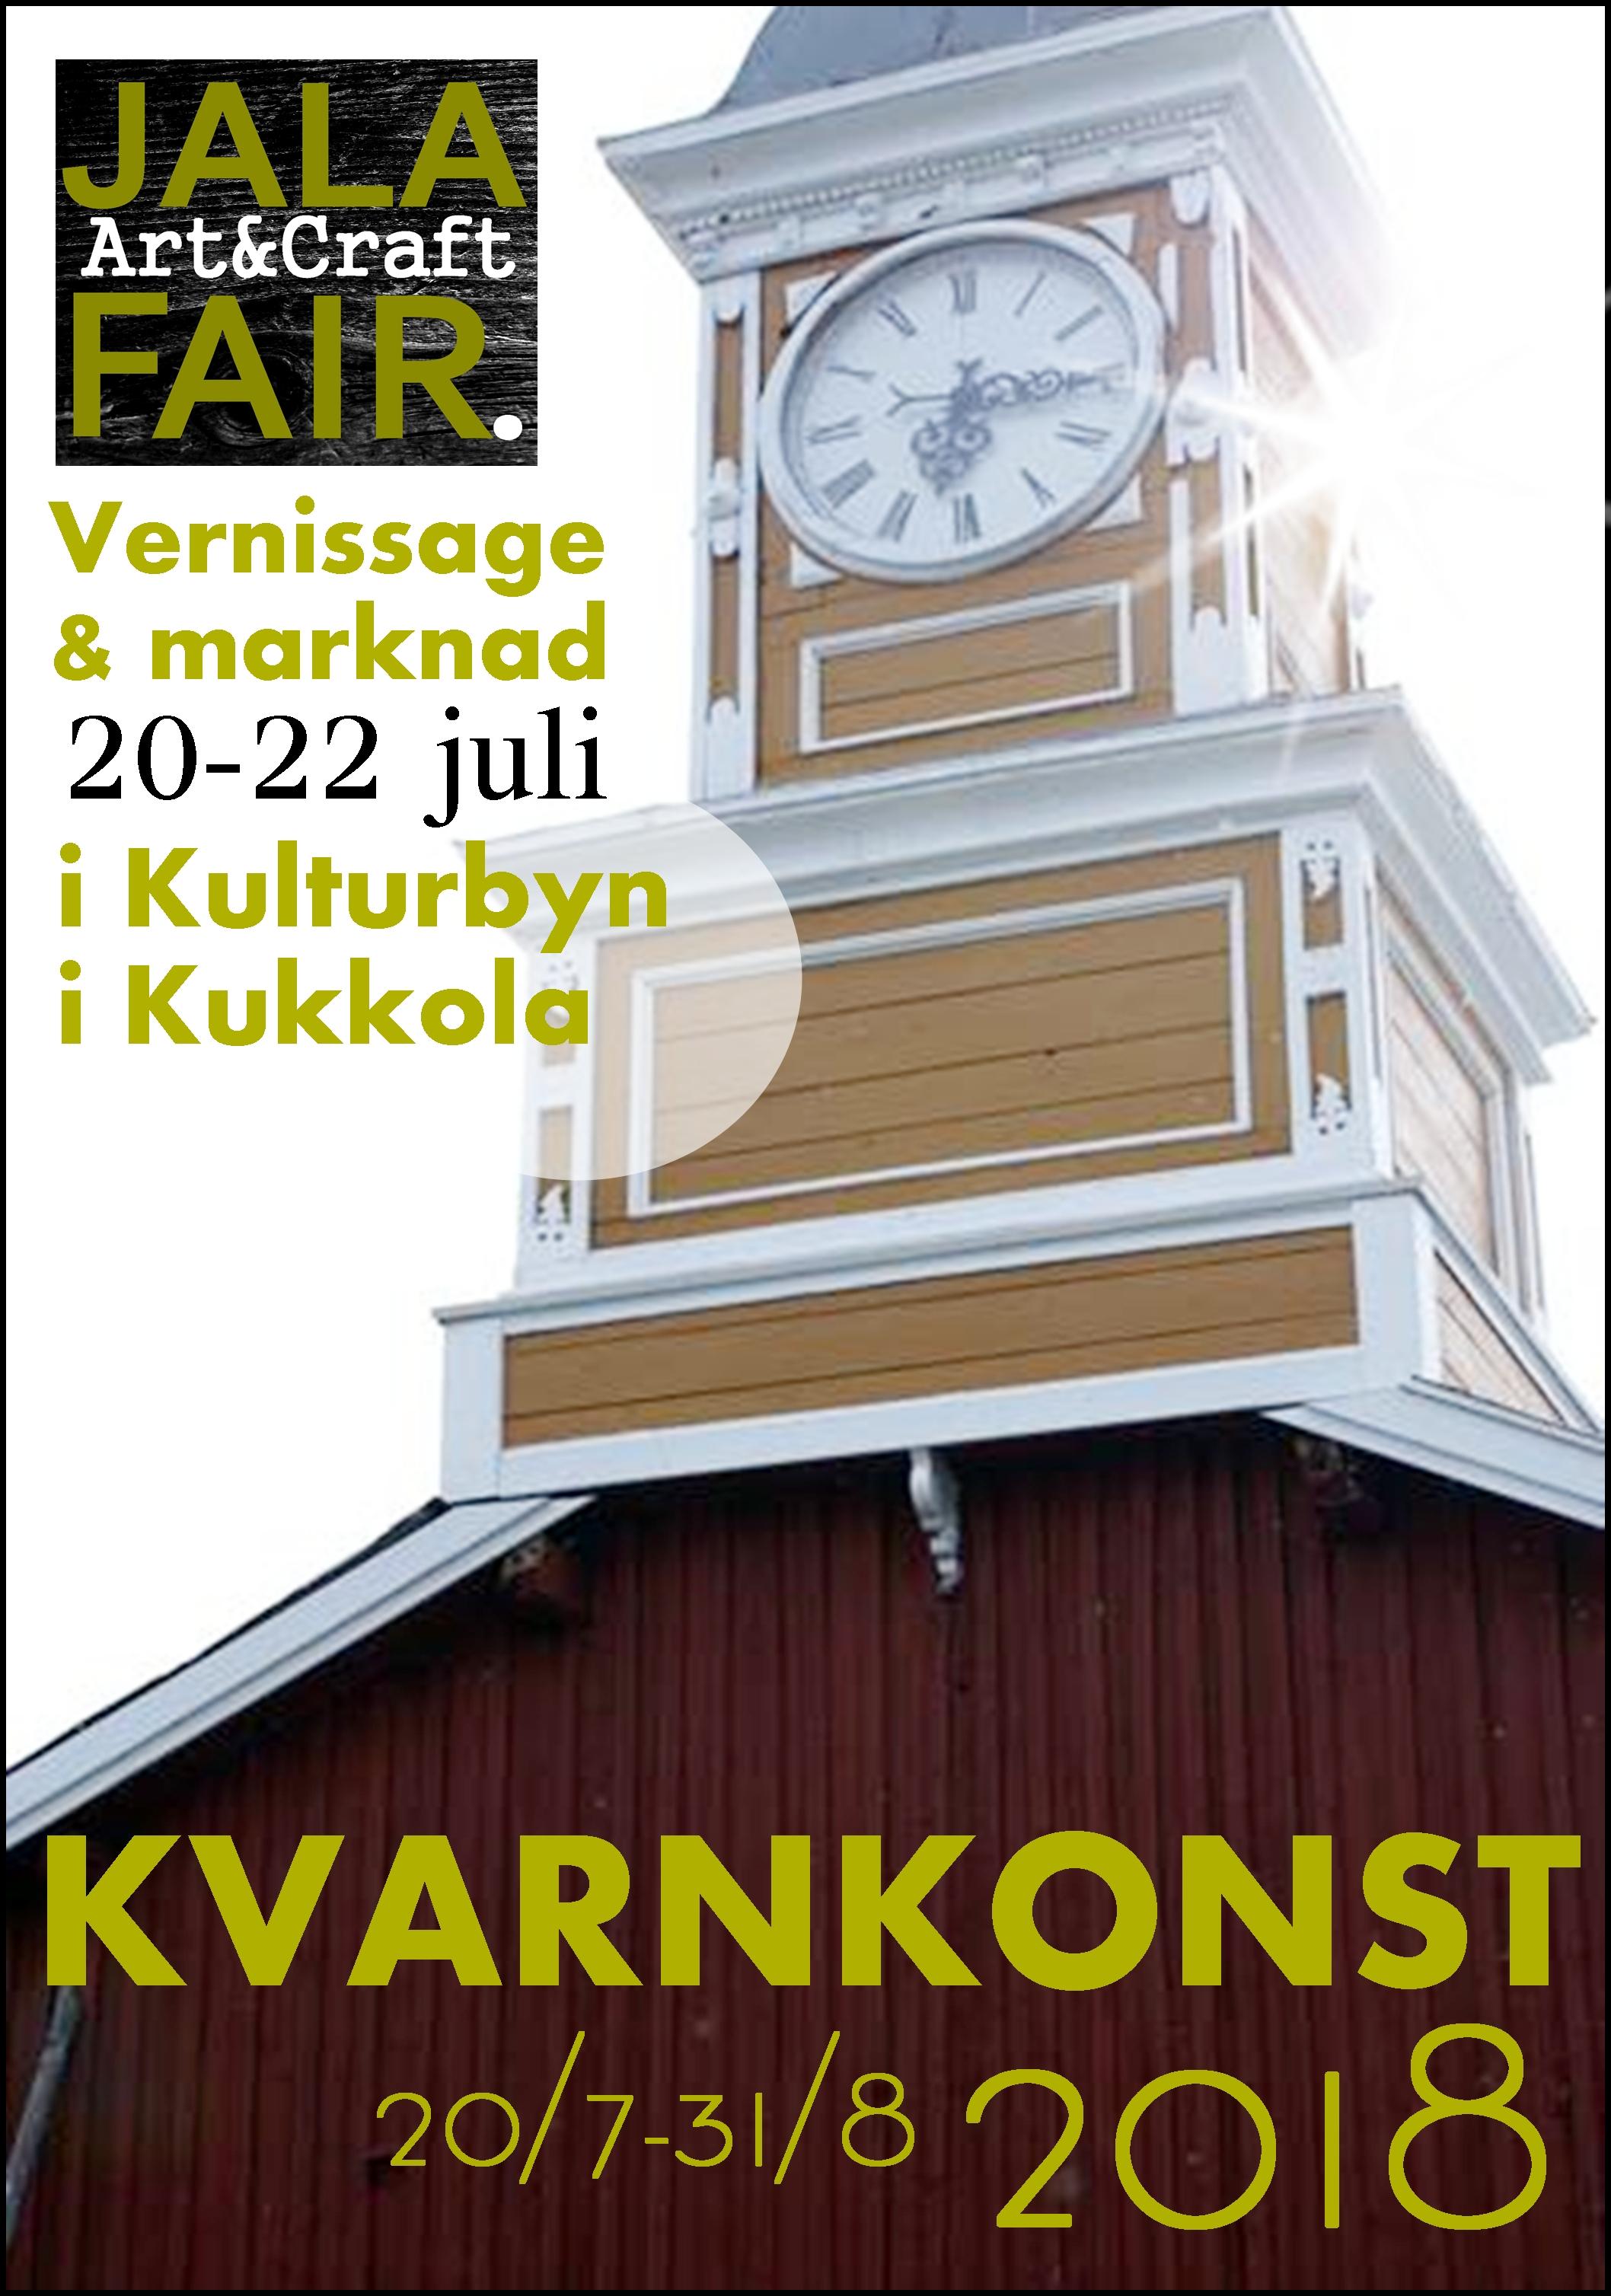 Jala Art & Craft Fair – Kvarnkonst 2018